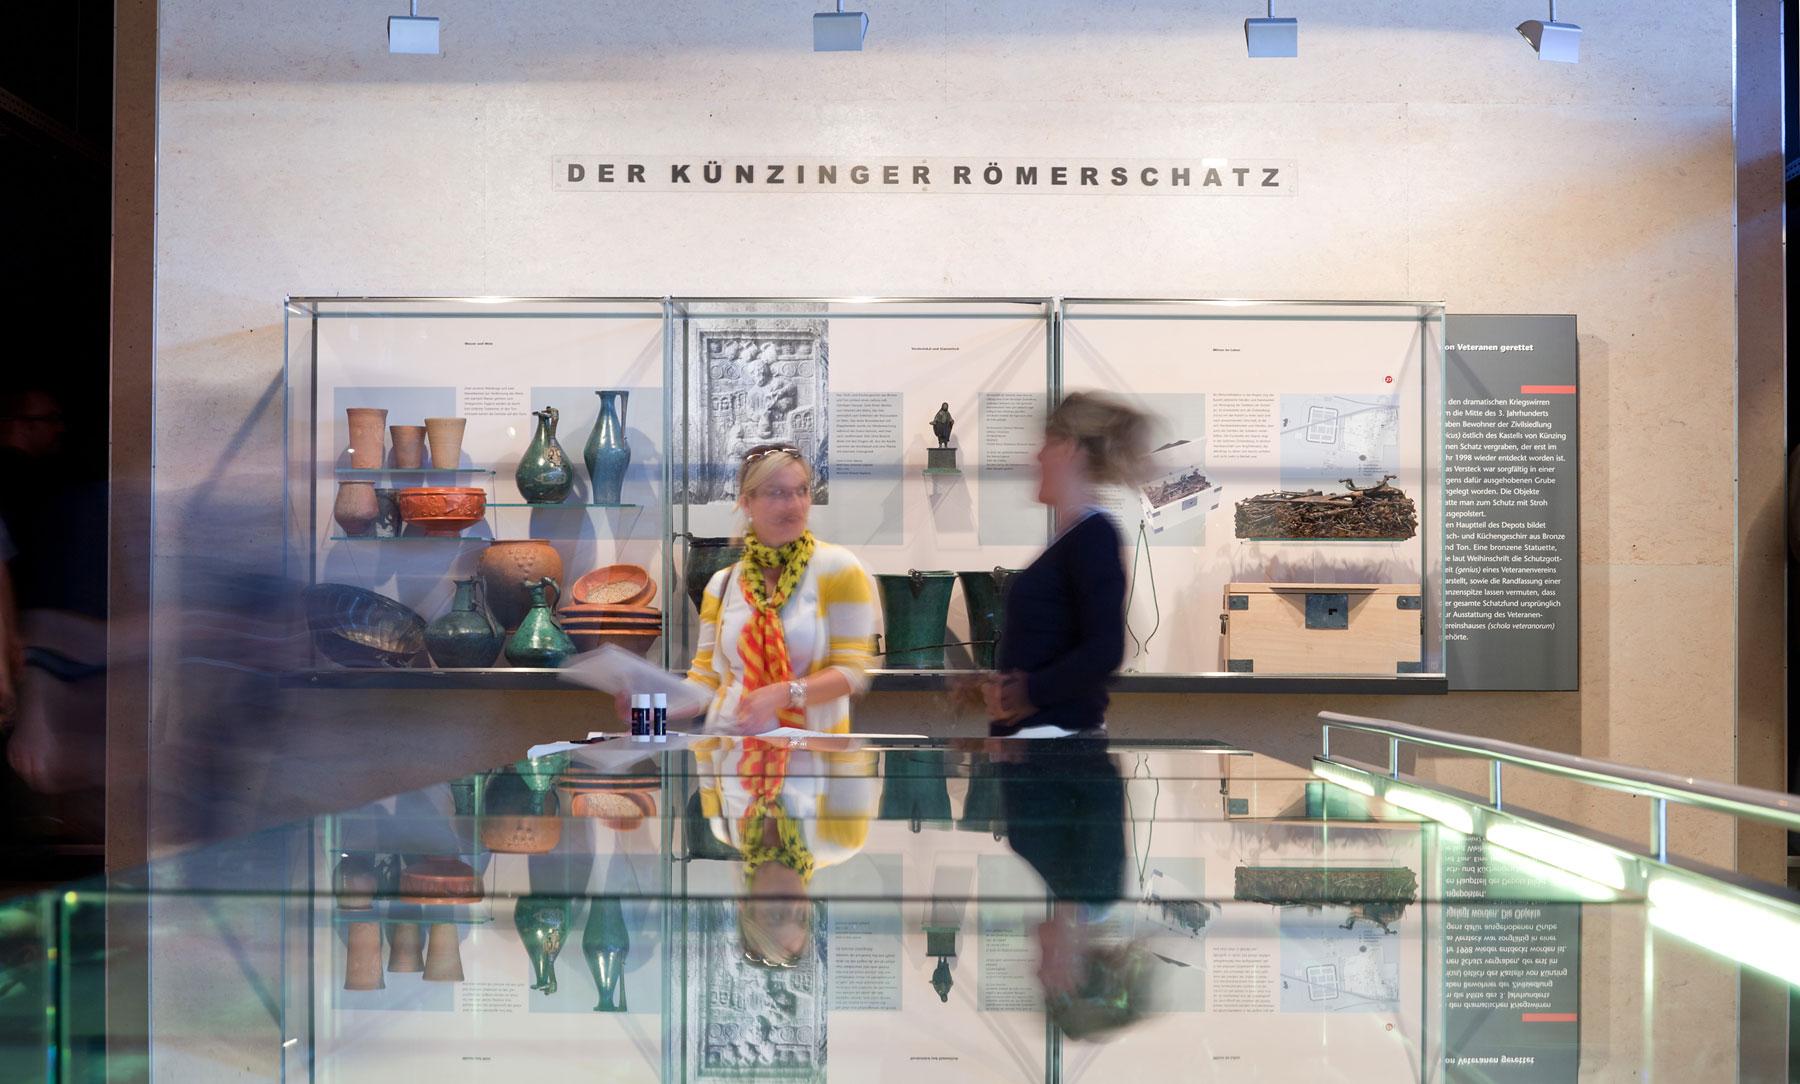 Der Künzinger Römerschatz im Museum Quintana